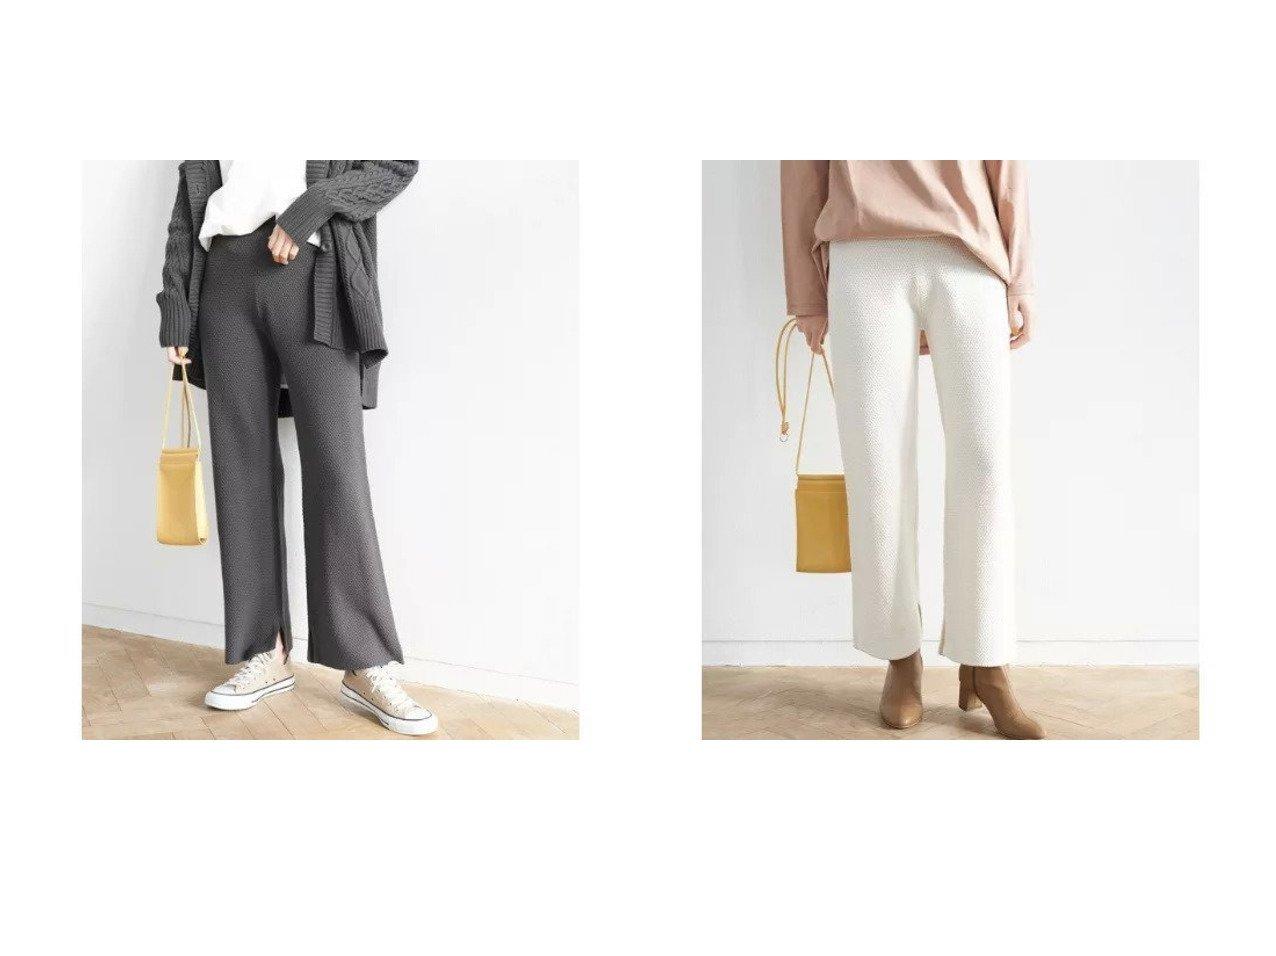 【ROPE' PICNIC/ロペピクニック】の【セットアップ対応】カノコ編みKNITパンツ ROPEのおすすめ!人気、トレンド・レディースファッションの通販 おすすめで人気の流行・トレンド、ファッションの通販商品 メンズファッション・キッズファッション・インテリア・家具・レディースファッション・服の通販 founy(ファニー) https://founy.com/ ファッション Fashion レディースファッション WOMEN セットアップ Setup パンツ Pants アクリル インナー カーディガン 今季 鹿の子 スリット セットアップ フレア ポケット リラックス ロング |ID:crp329100000019144